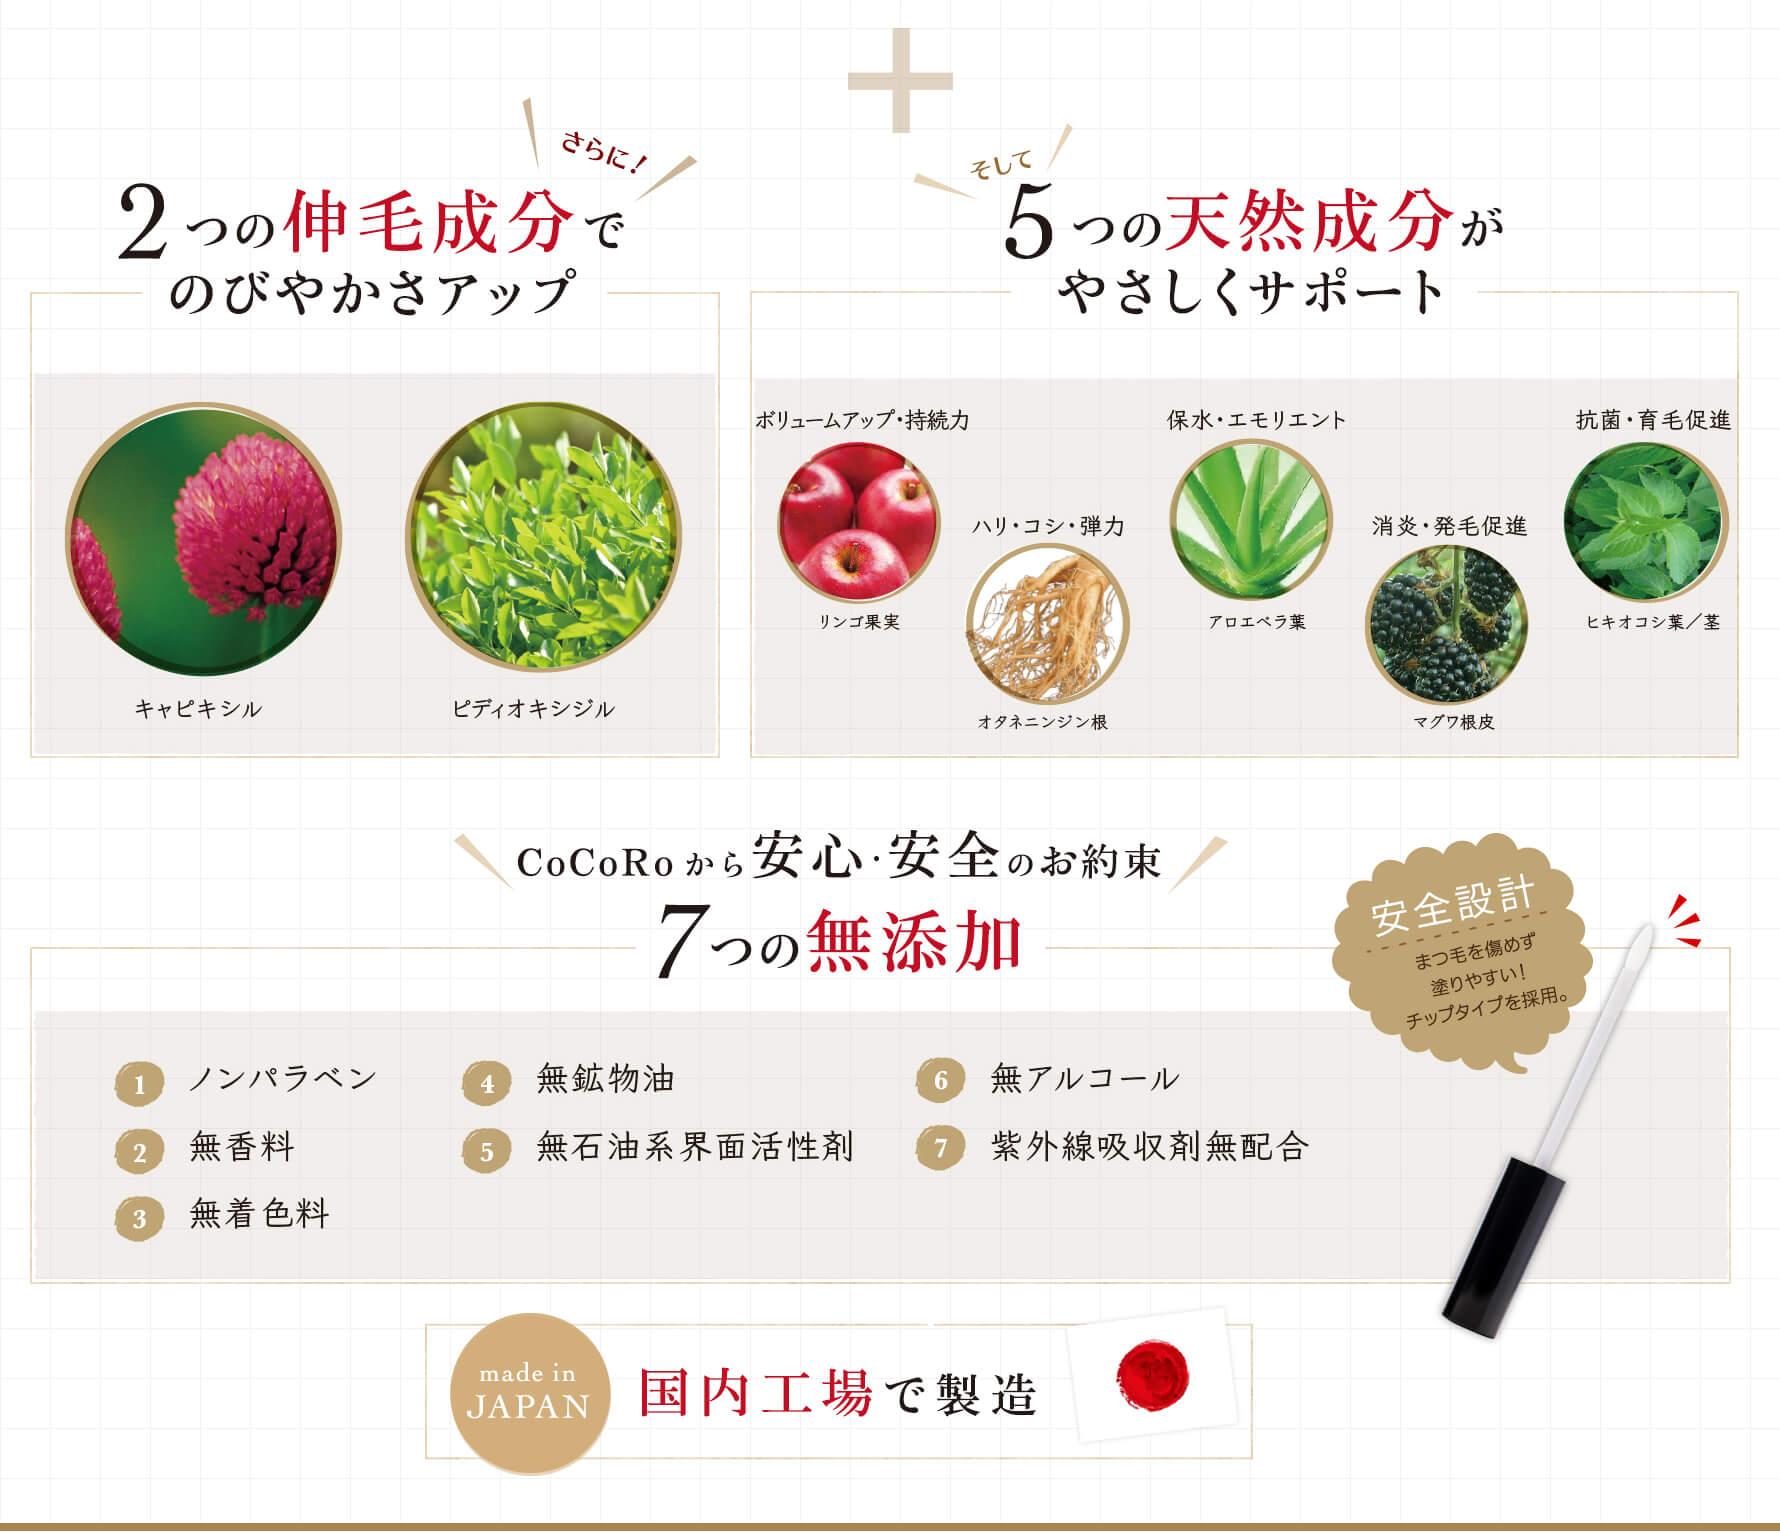 「キャビキシル・ピディオキシジル」の2つの伸毛成分でのびやかさアップ!そして5つの天然成分がやさしくサポート!リンゴ果実:ボリュームアップ・持続力。オタネニンジン根:ハリ・コシ・弾力。アロエベラ葉:保水・エモリエント。マグワ根皮:消炎・発毛促進。ヒキオコシ葉/茎:抗菌・育毛促進。CoCoRoからの安心・安全のお約束:7つの無添加。ノンパラぺン・無鉱物油・無アルコール・無香料・無石油系界面活性剤・紫外線吸収剤無配合・無着色料。さらに、まつ毛を傷めず塗りやすい!チップタイプを採用した安全設計です。